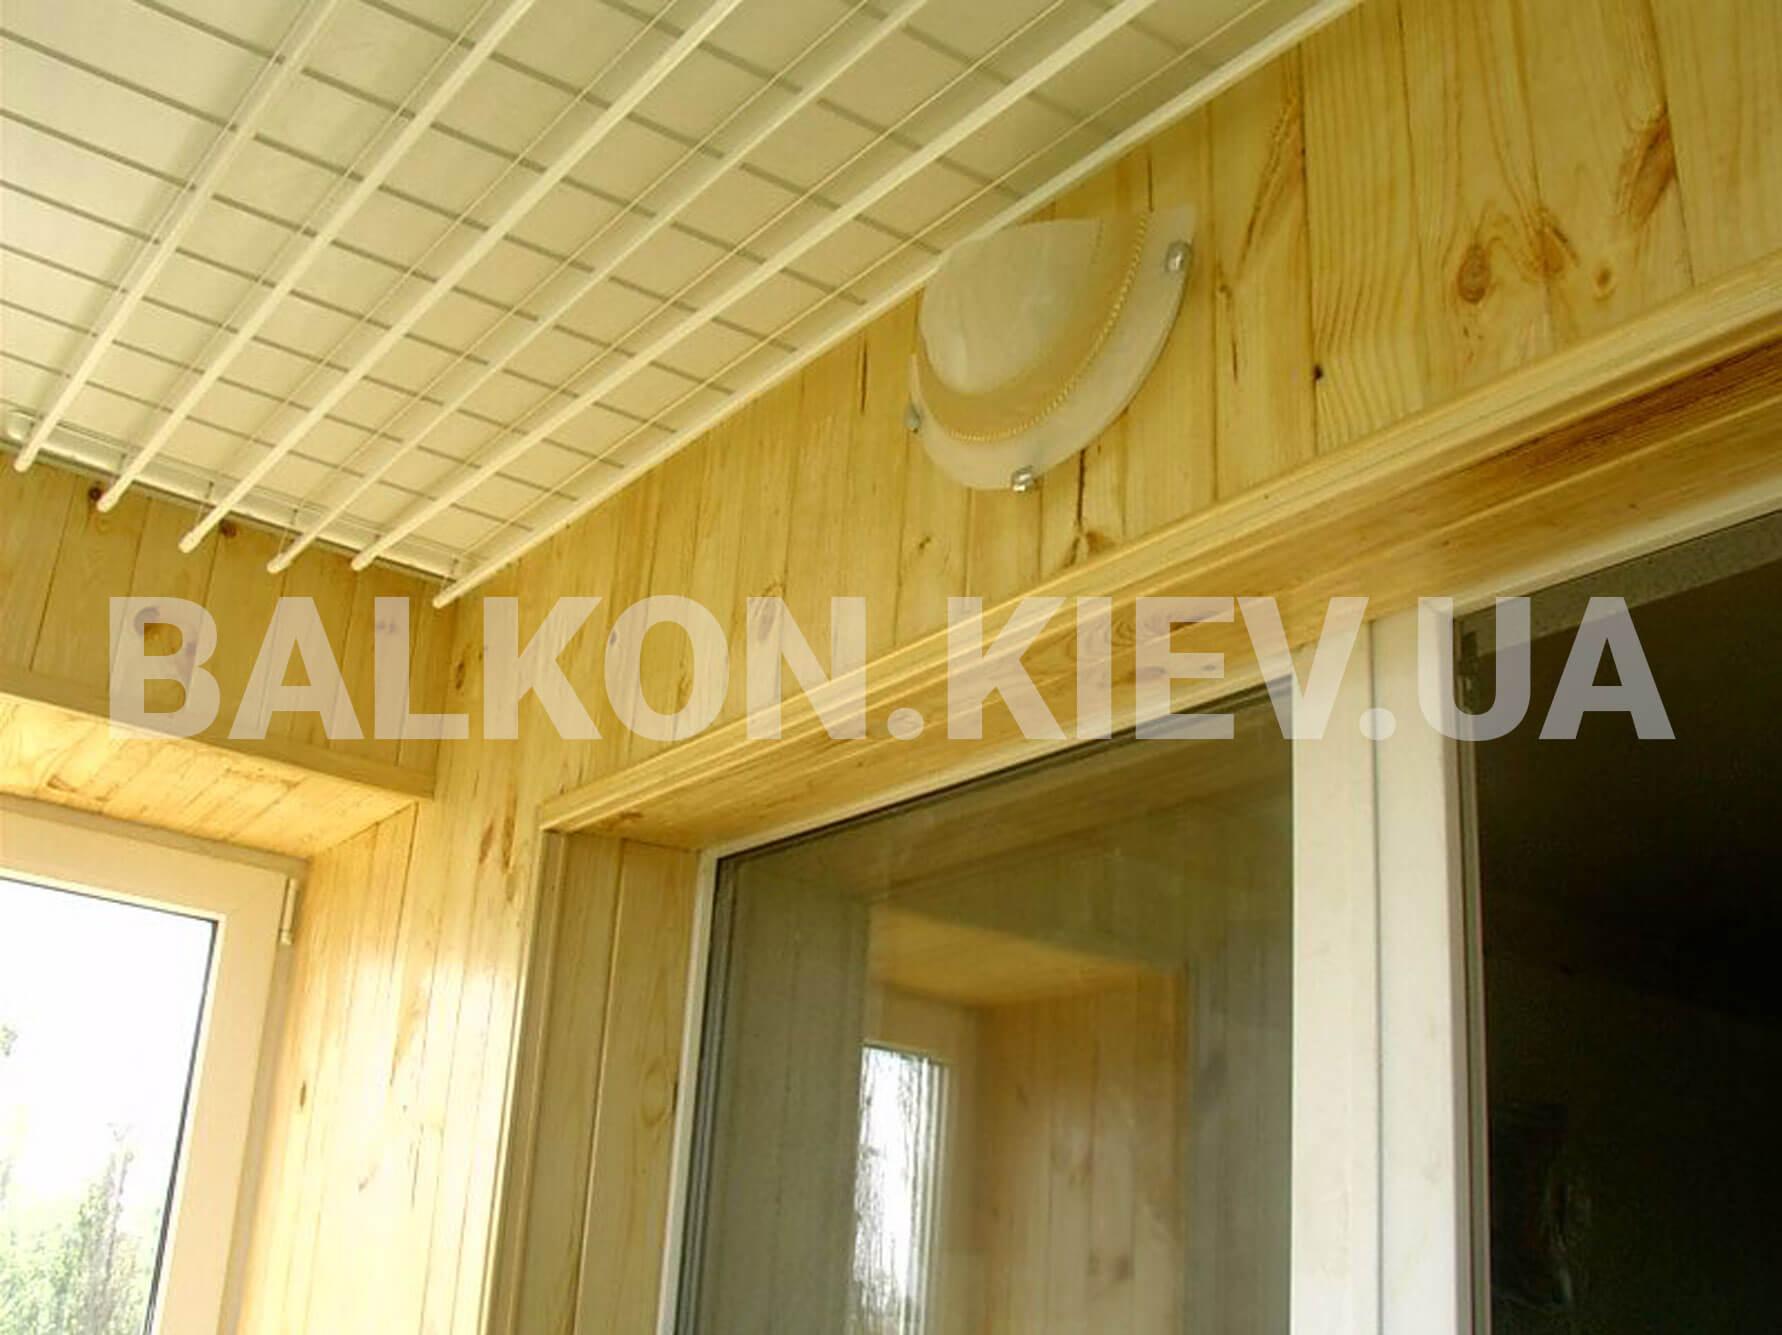 Рейка 10 40 балкон утепление. - поновее - каталог статей - в.